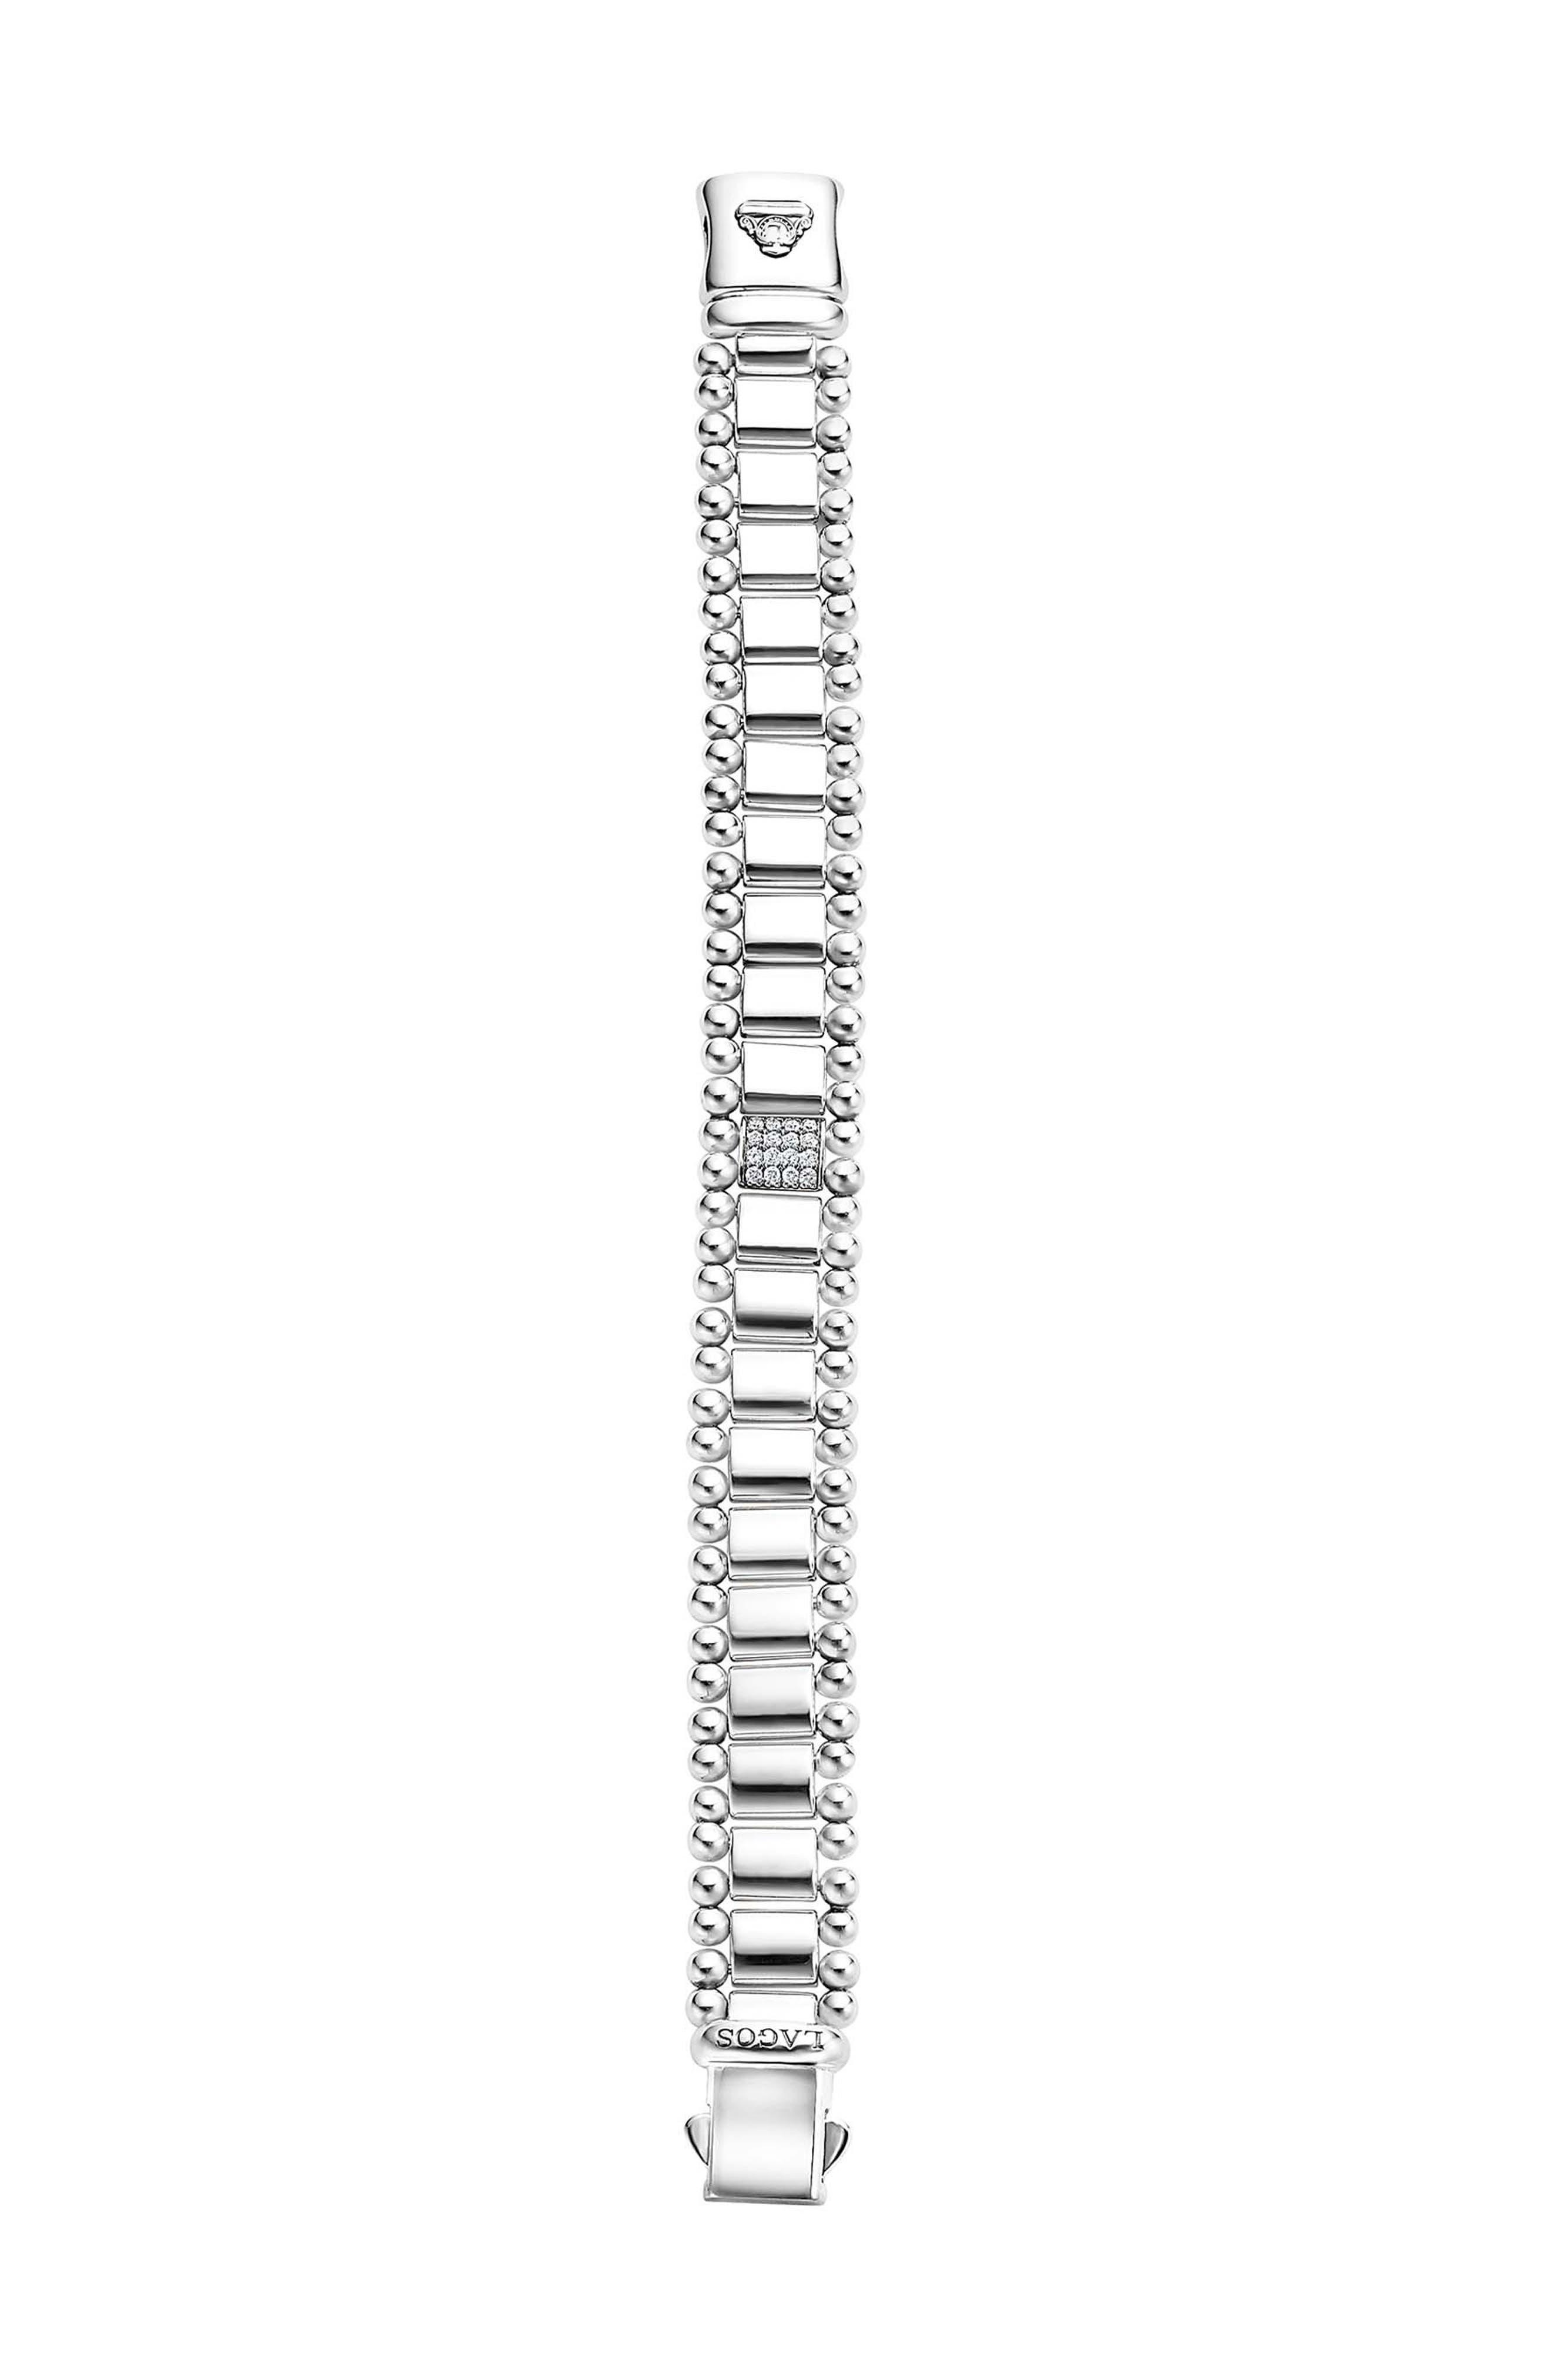 Caviar Spark Pavé Diamond Link Bracelet,                             Alternate thumbnail 2, color,                             SILVER/ DIAMOND